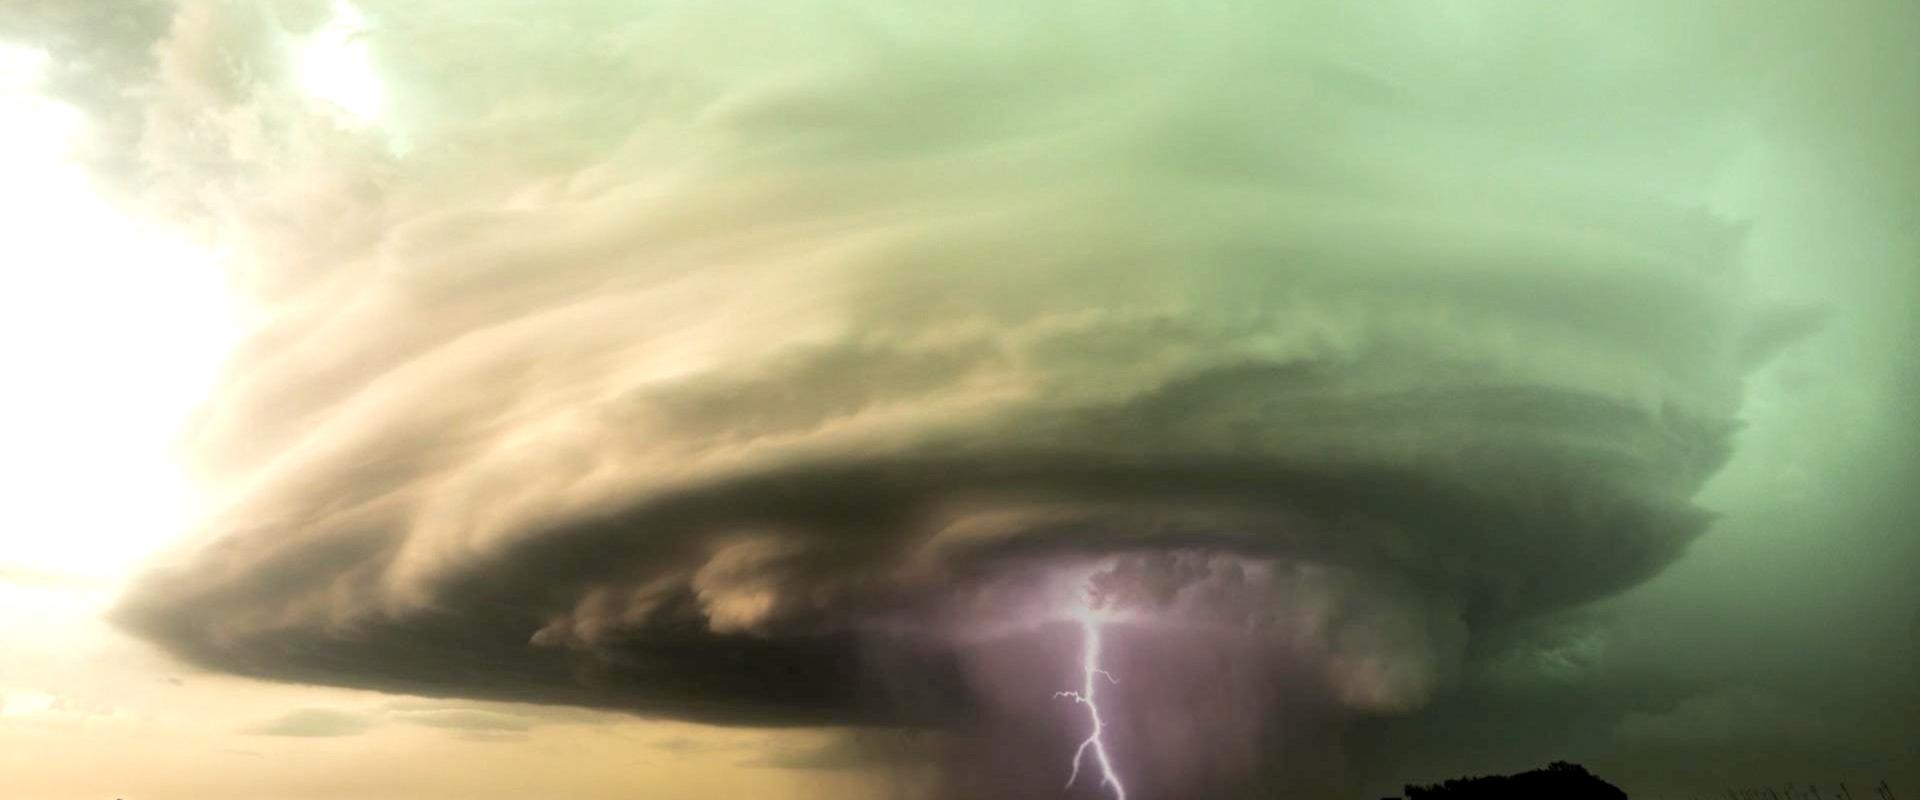 les tornades la foudre  tornade  la foudre  les nuages image de fond pour le t u00e9l u00e9chargement gratuit